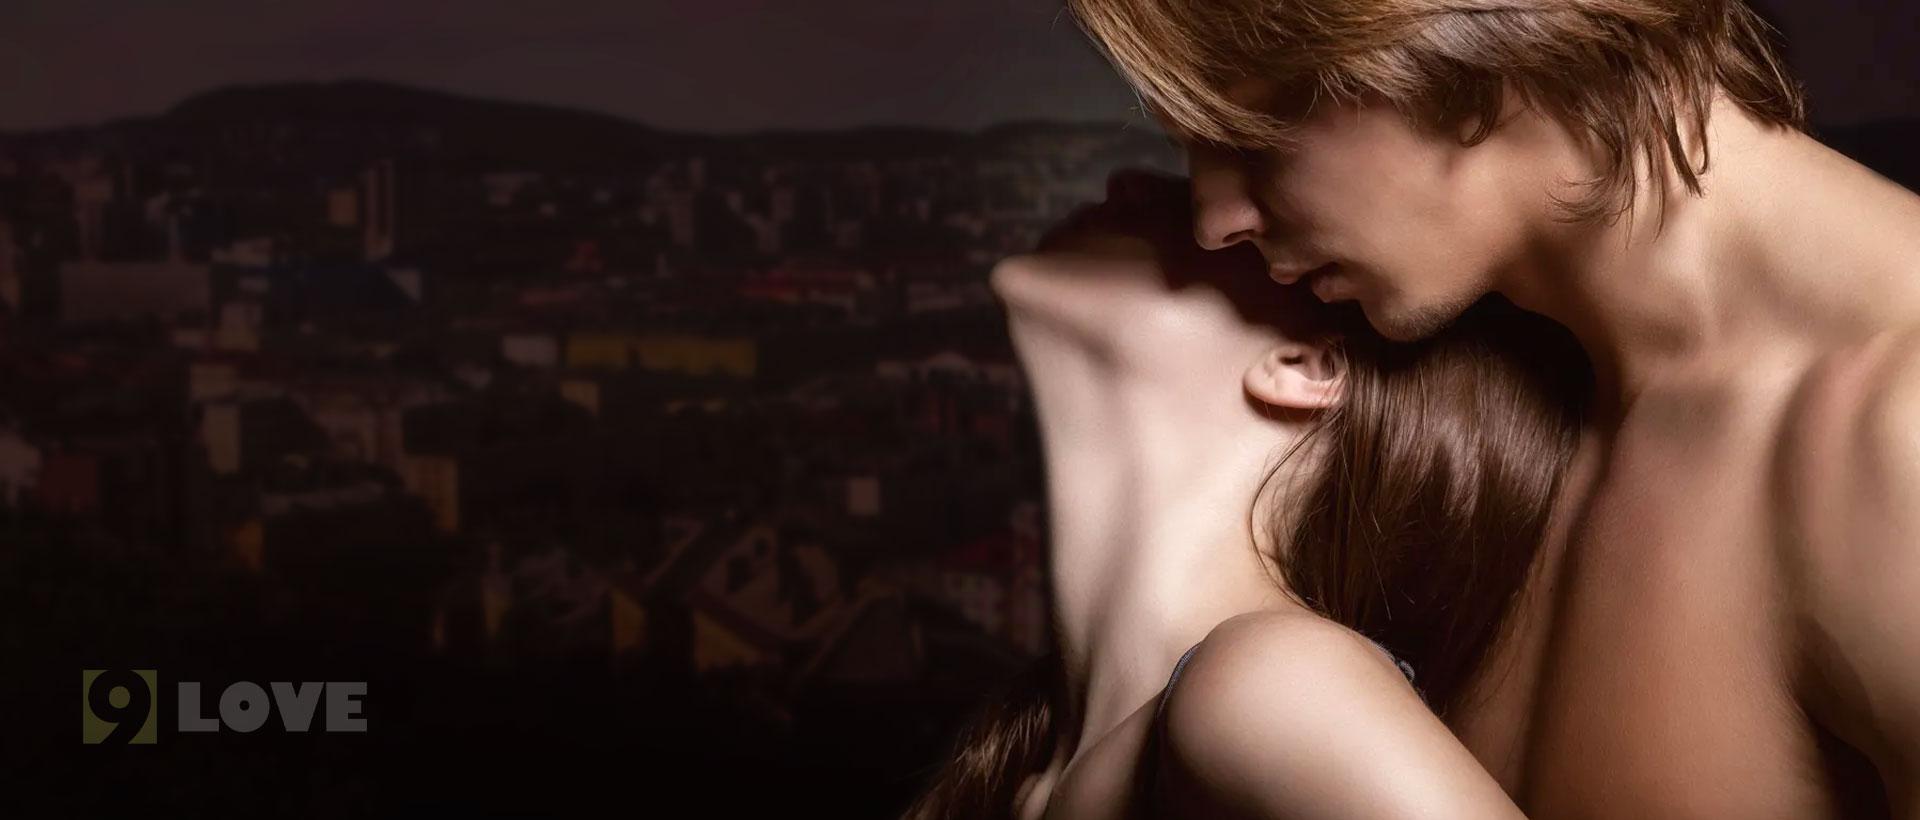 Знакомства с замужними женщинами в Мурманске для секса на одну ночь без регистрации во Вконтакте с номерами телефонов, бесплатные гей знакомства для взрослых, знакомства для серьезных отношений. Знакомства для любви и секса в Мурманской области